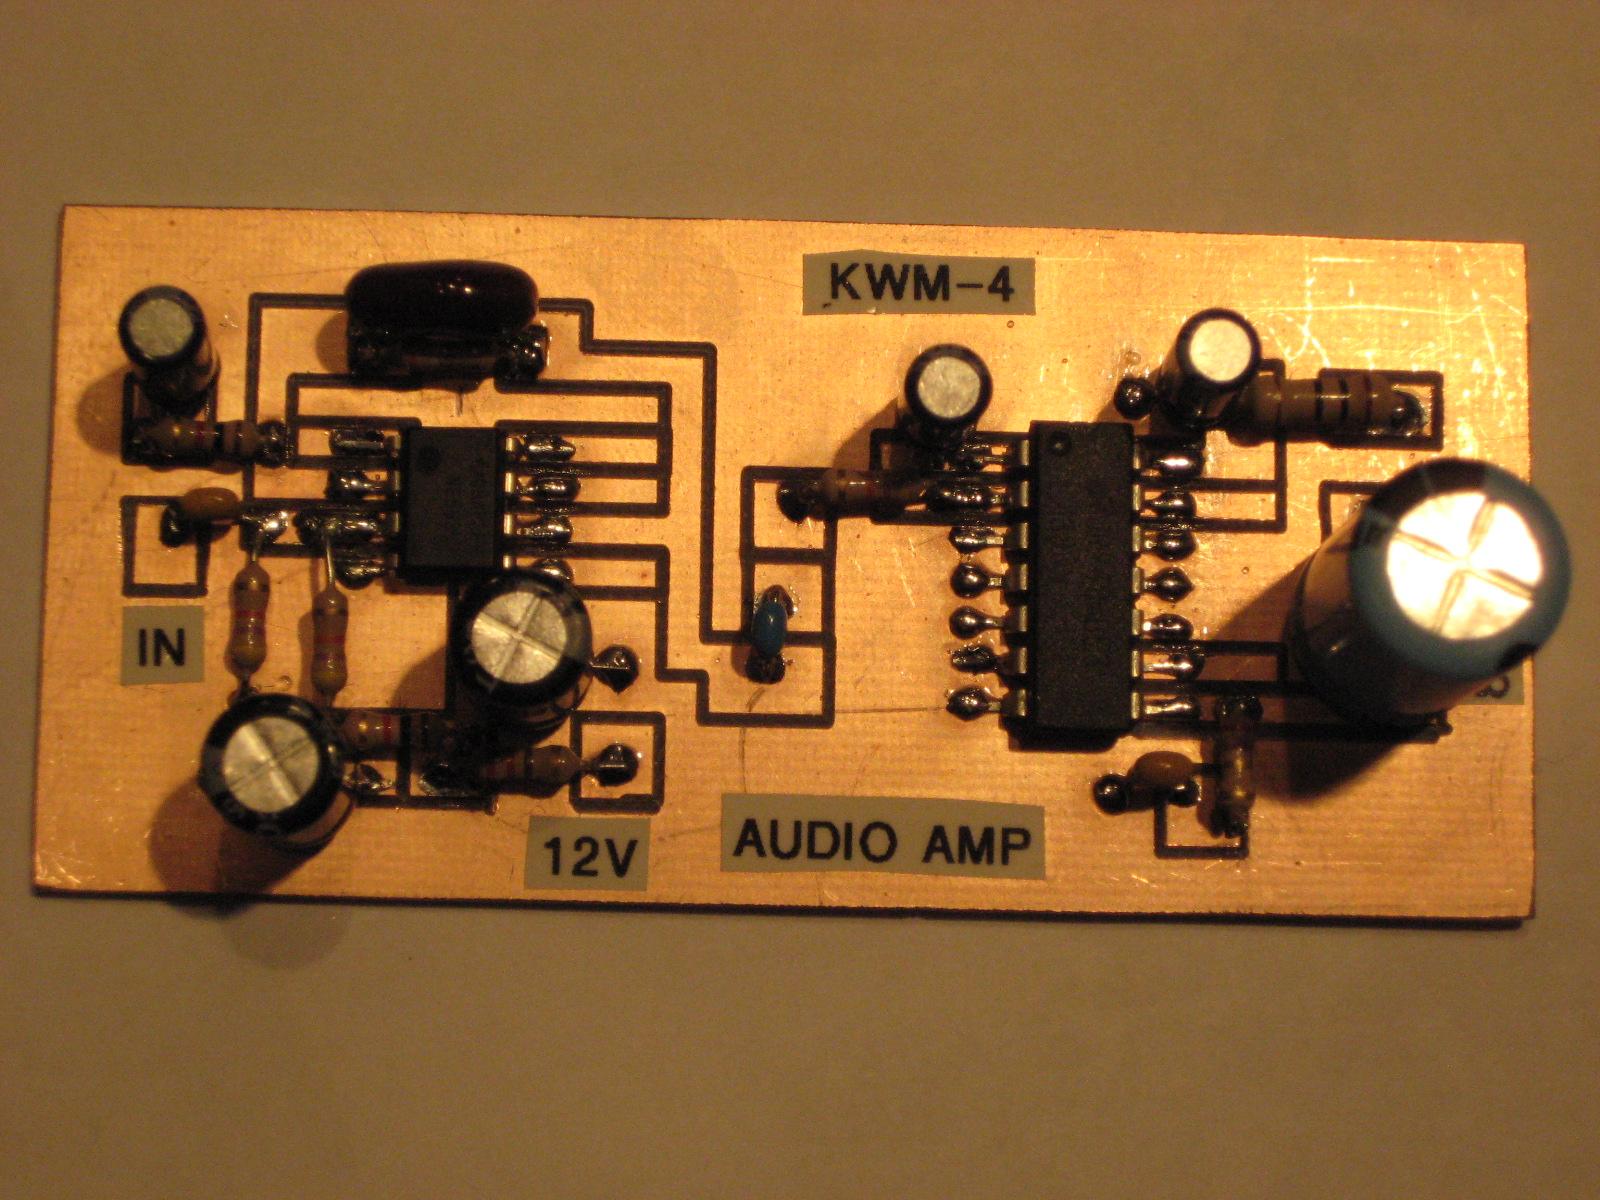 N6qw Simpleceiver Part 4 Lm380 Audio Amplifier Circuit Get Electronics Pete